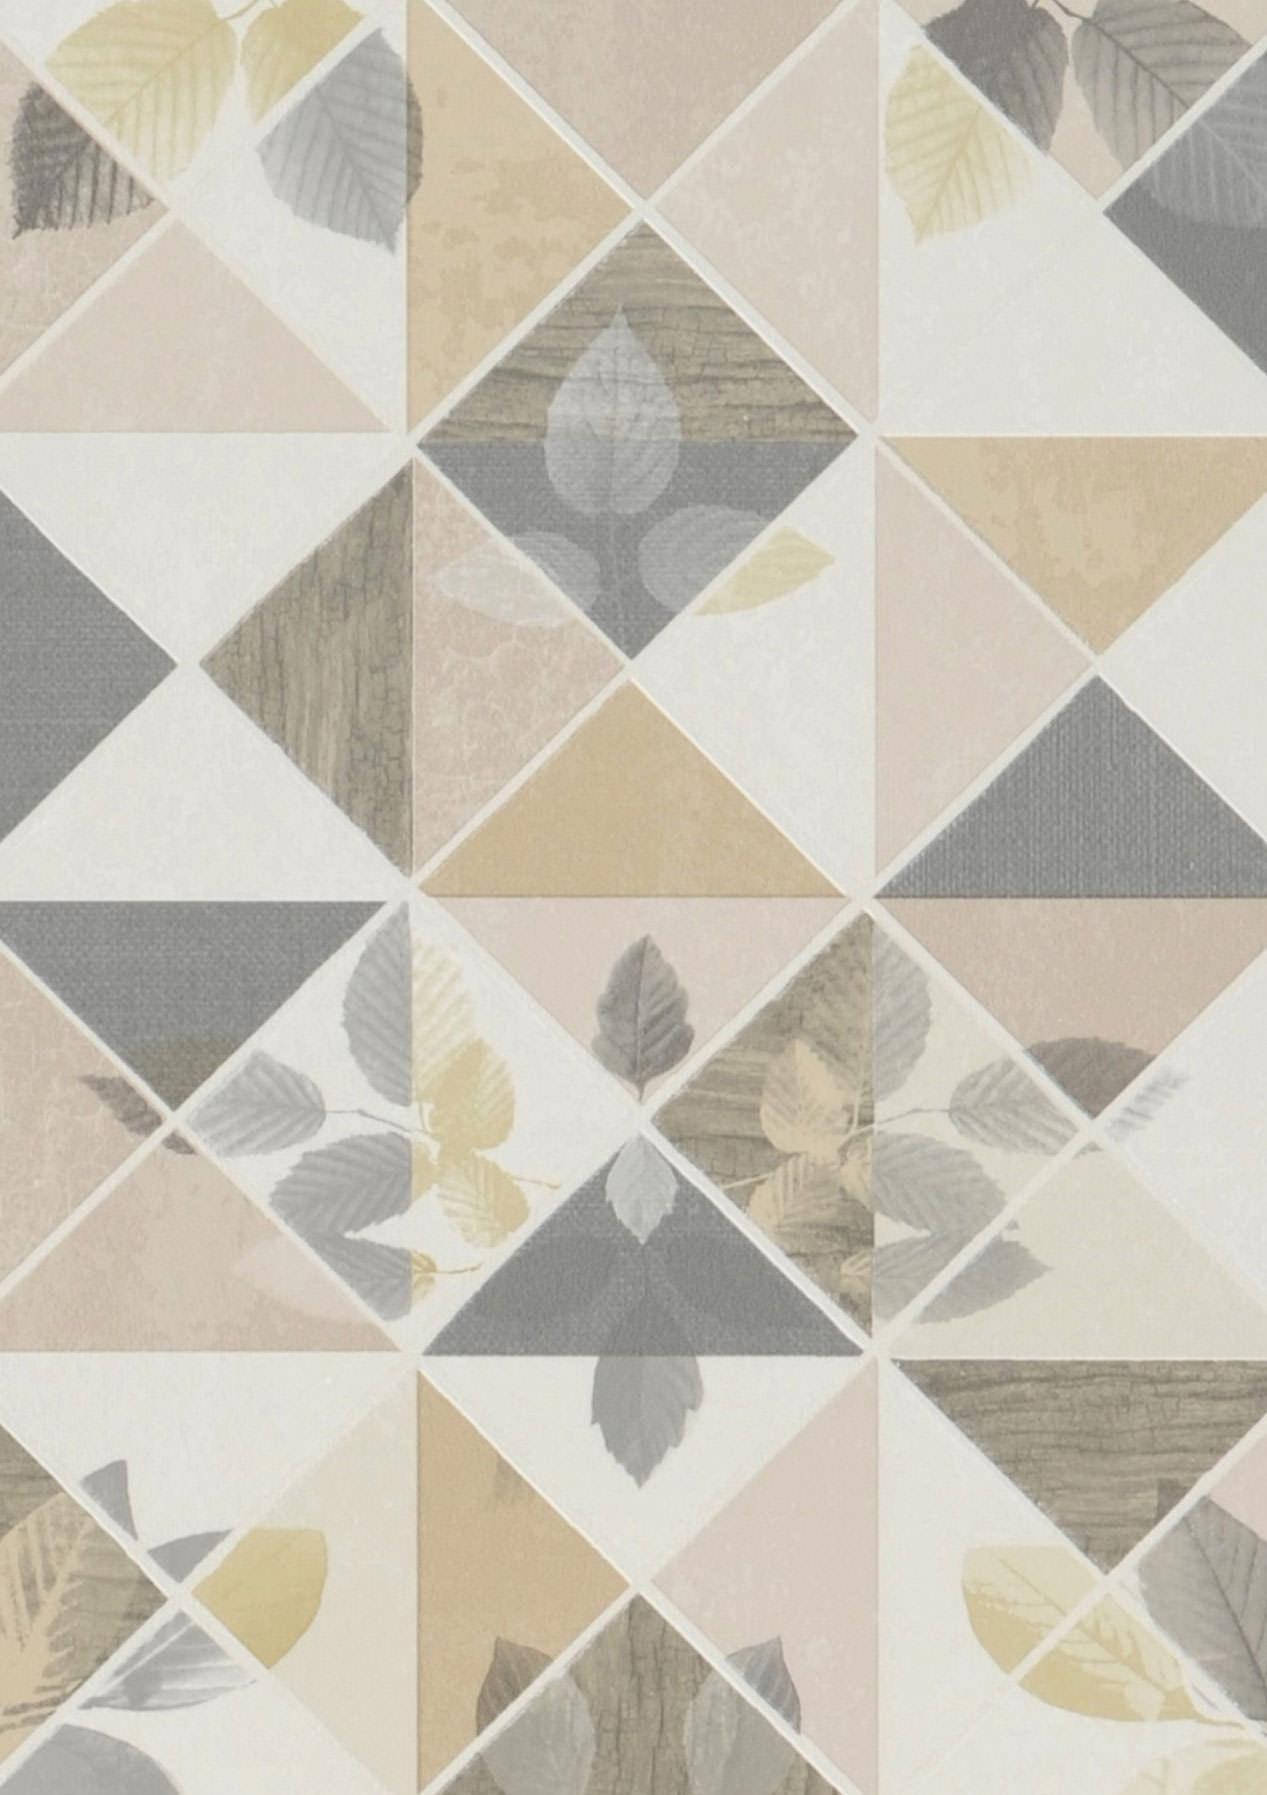 Tapete waldivia beige cremeweiss elfenbein grau for Tapete nach hause